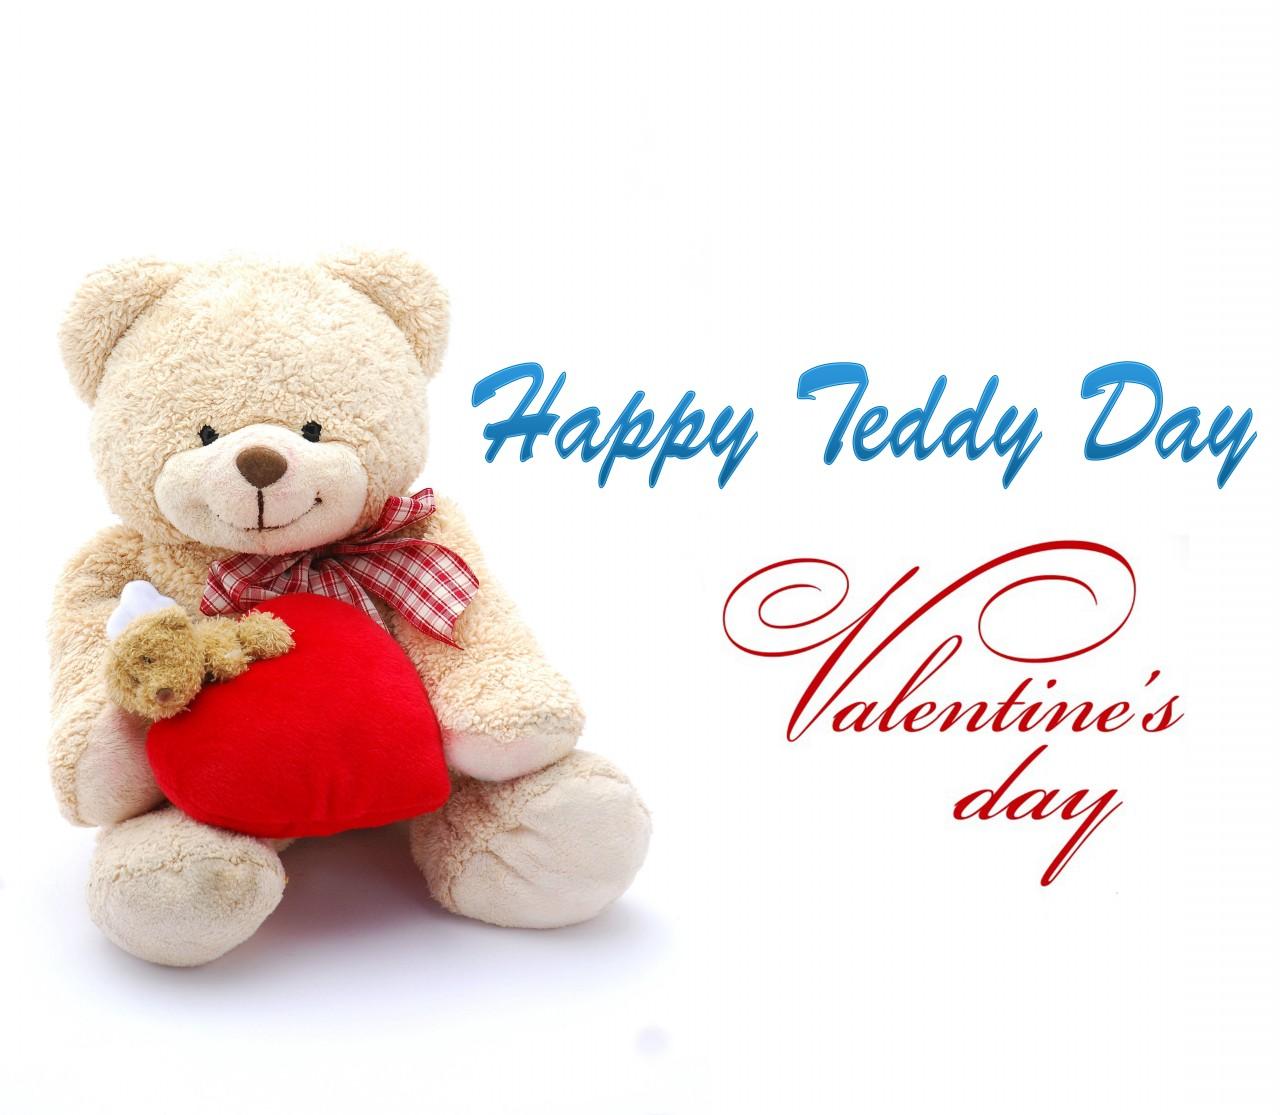 Happy Teddy Day 2017 SMS Shayari in Hindi/English